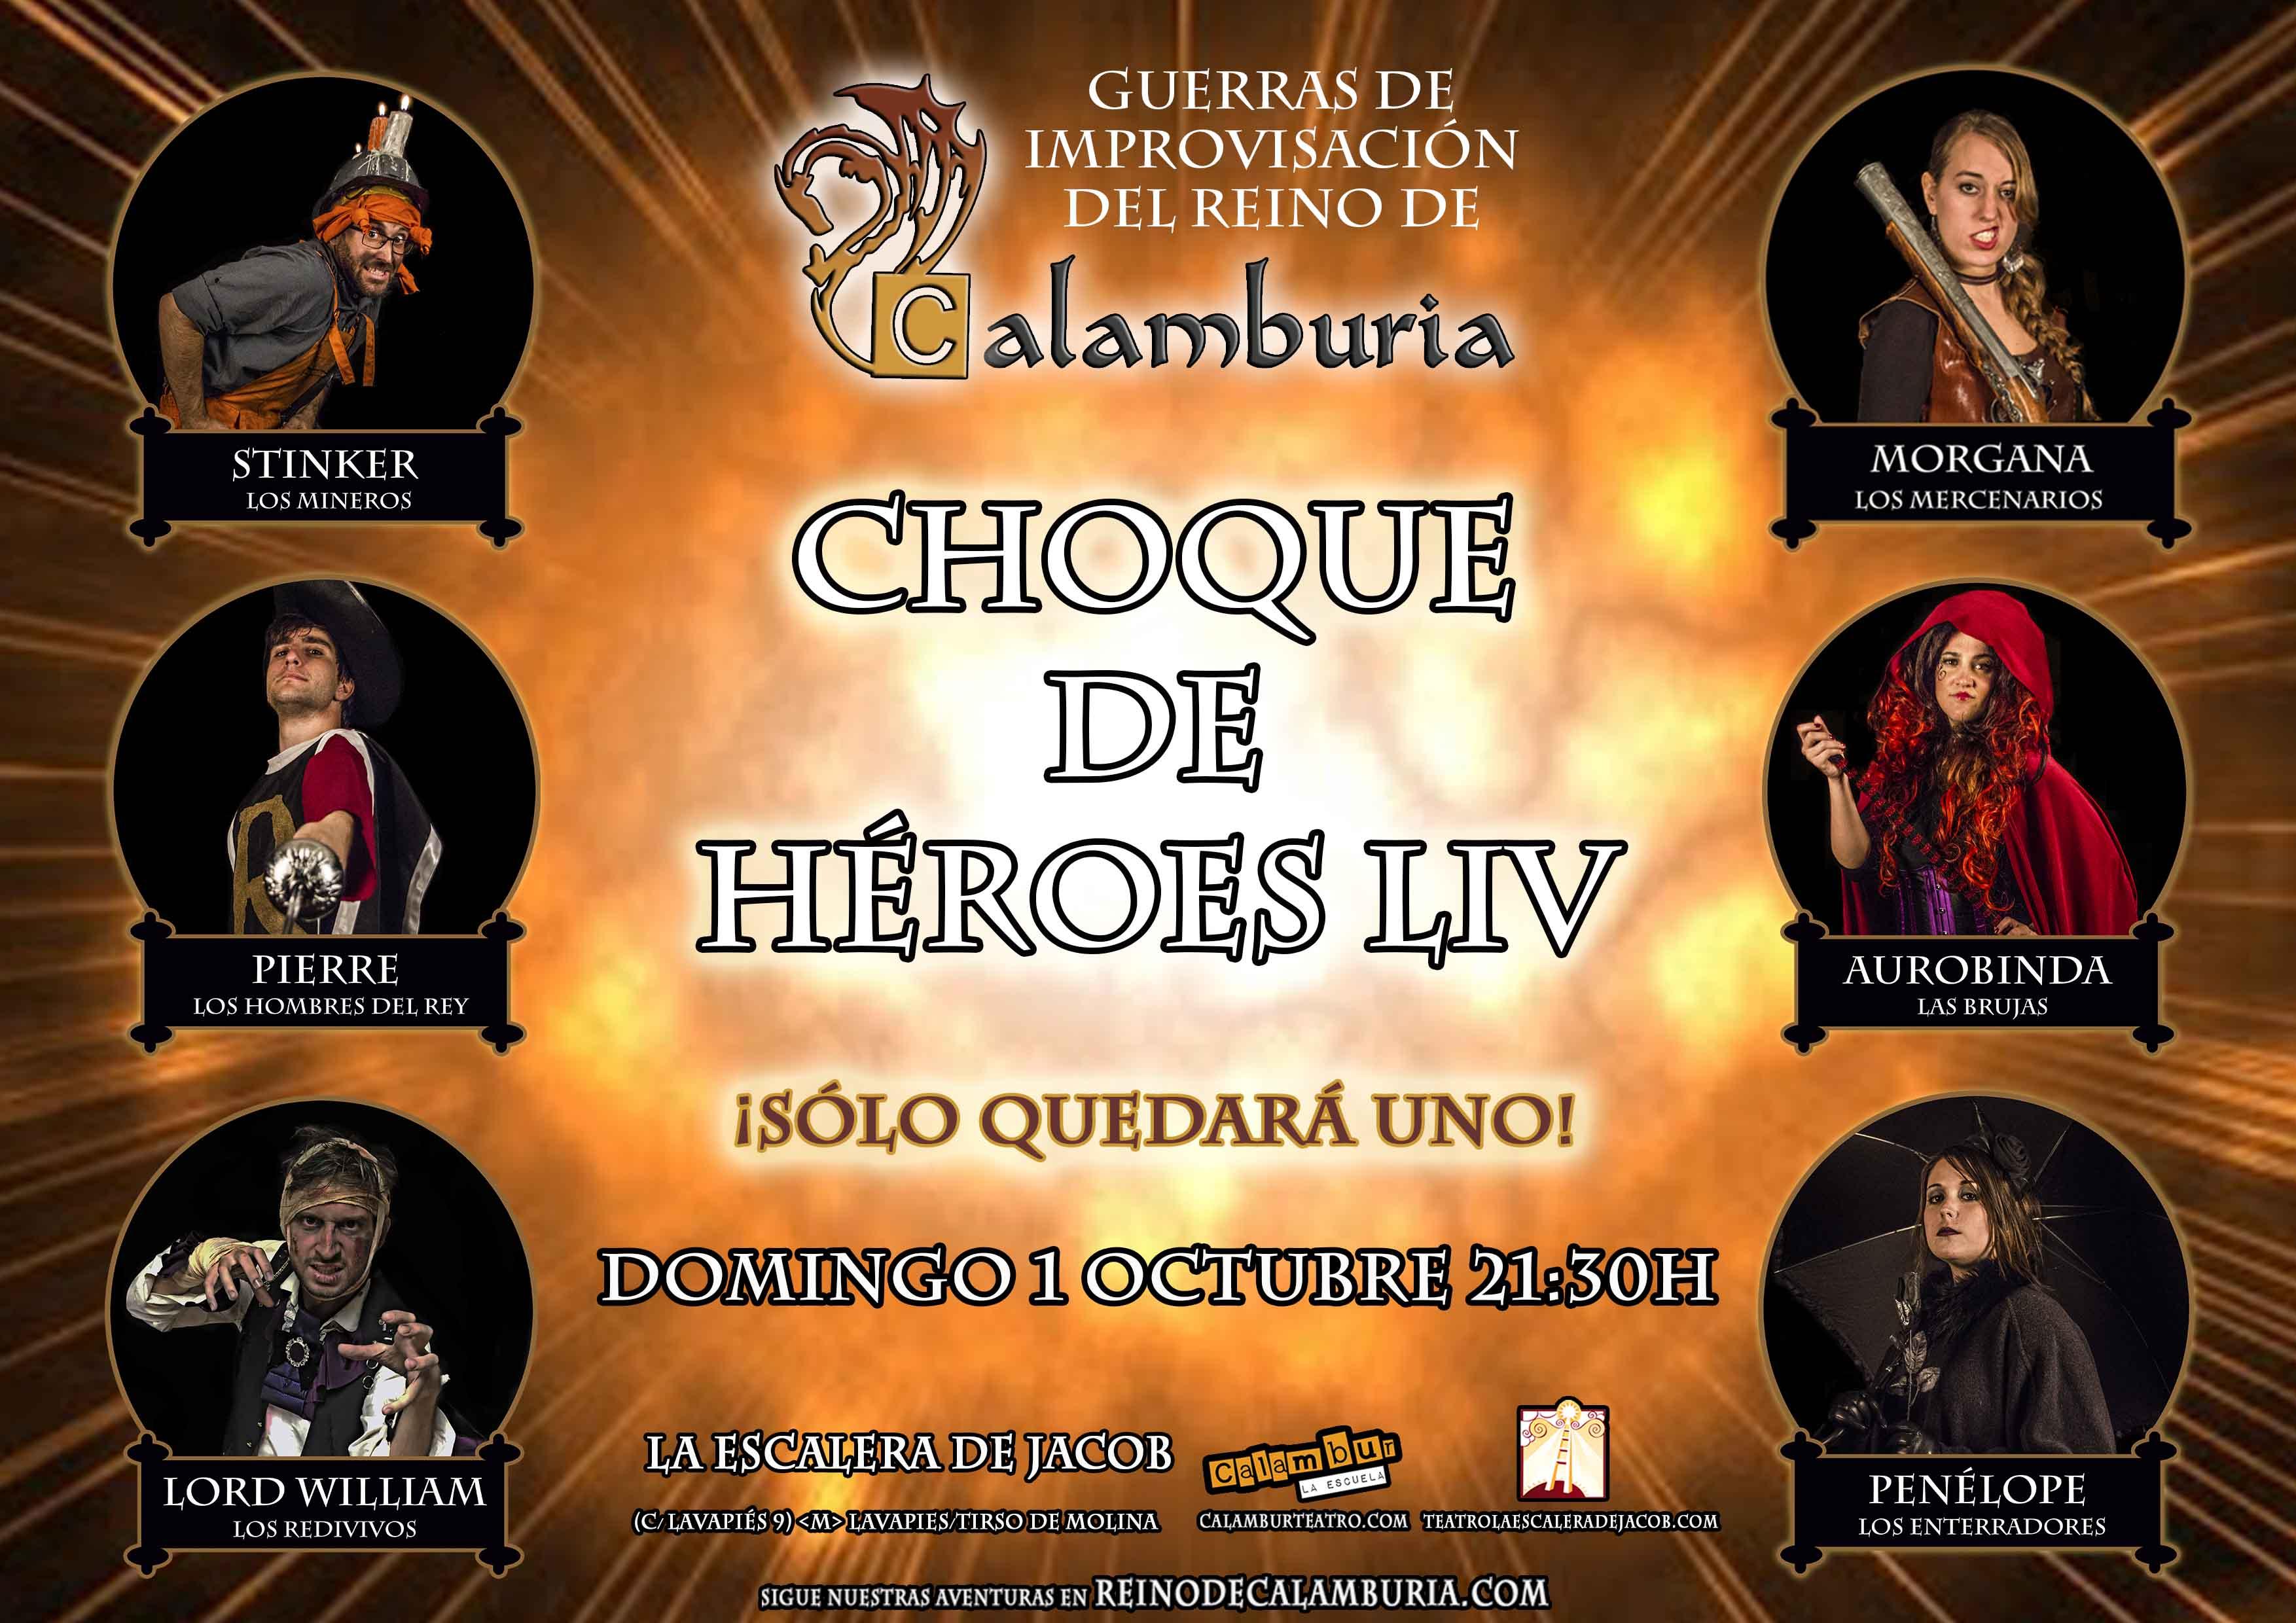 CHOQUE DE HEROES 54